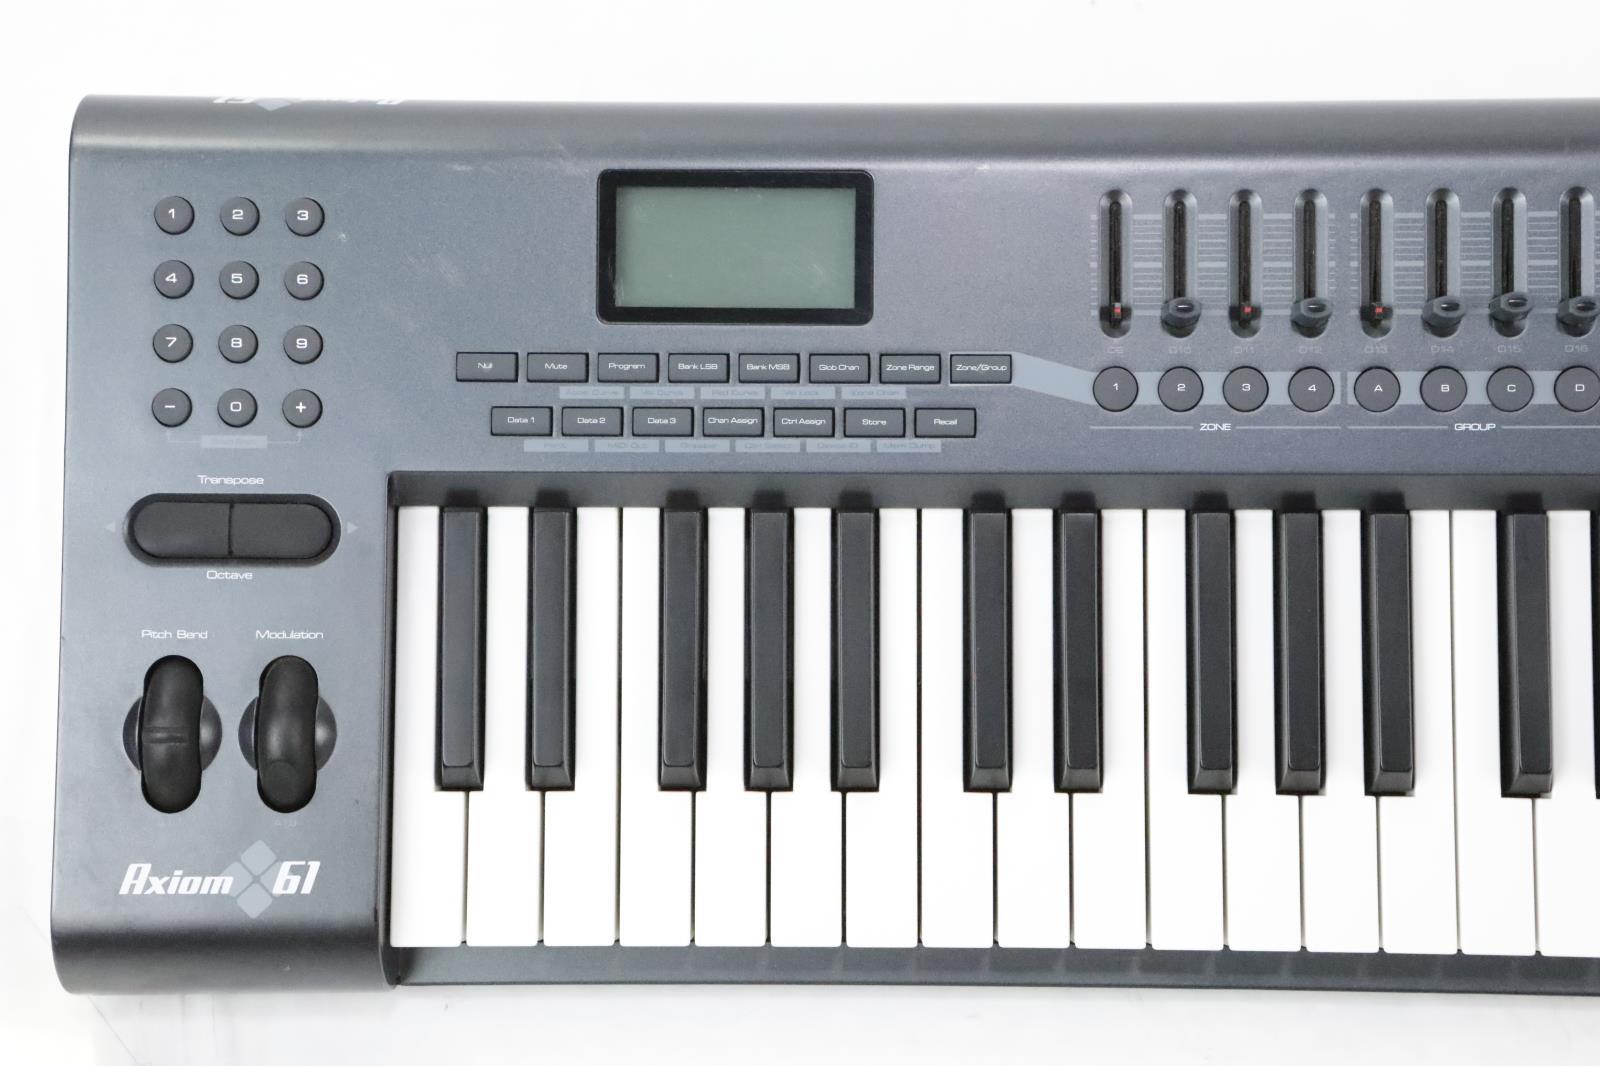 Midi Controller Ebay Kleinanzeigen : m audio axiom 61 midi keyboard controller owned by silversun pickups 34764 ebay ~ Vivirlamusica.com Haus und Dekorationen